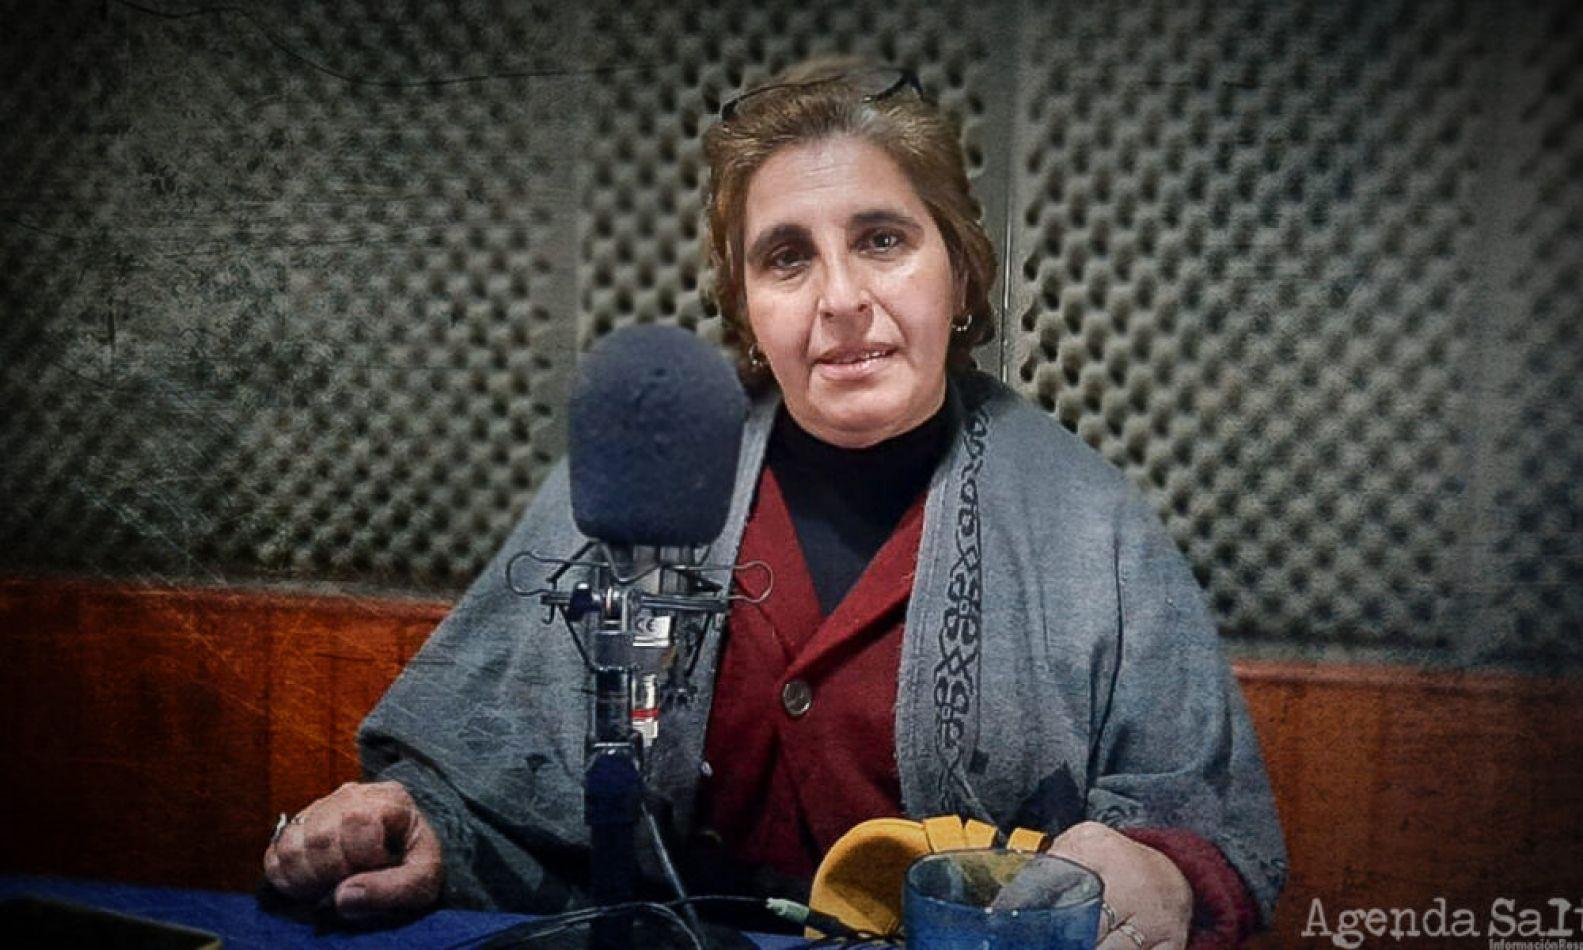 """Silvia Di Piazza: """"El gobierno lo único que hace es cajonear notas y no abrir un canal de diálogo"""""""